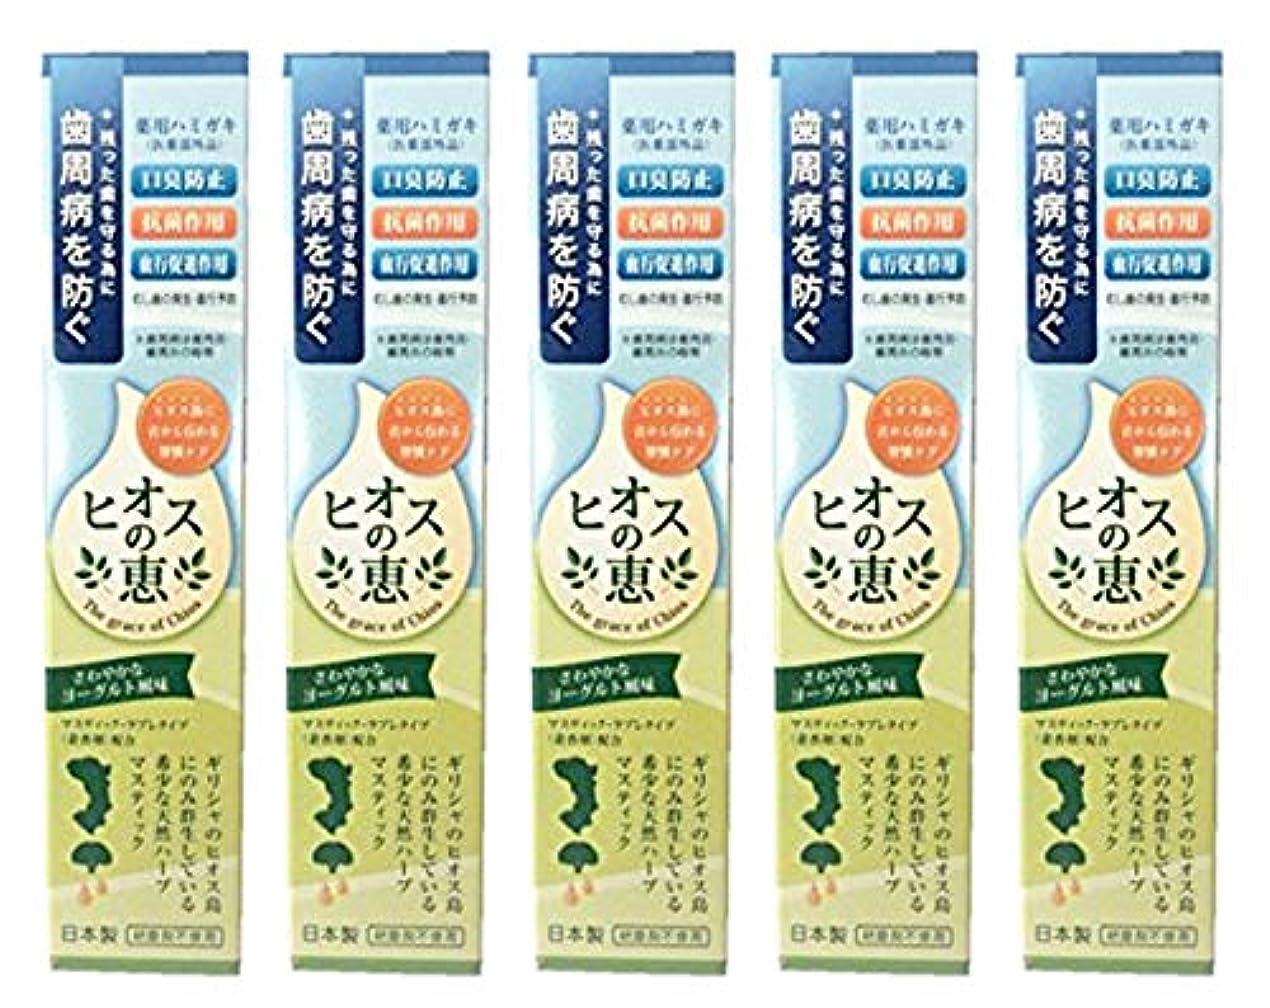 一般化するクリエイティブアームストロングヒオスの恵 60g 【まとめ買い1個60g×5個】薬用ハミガキ 日本製